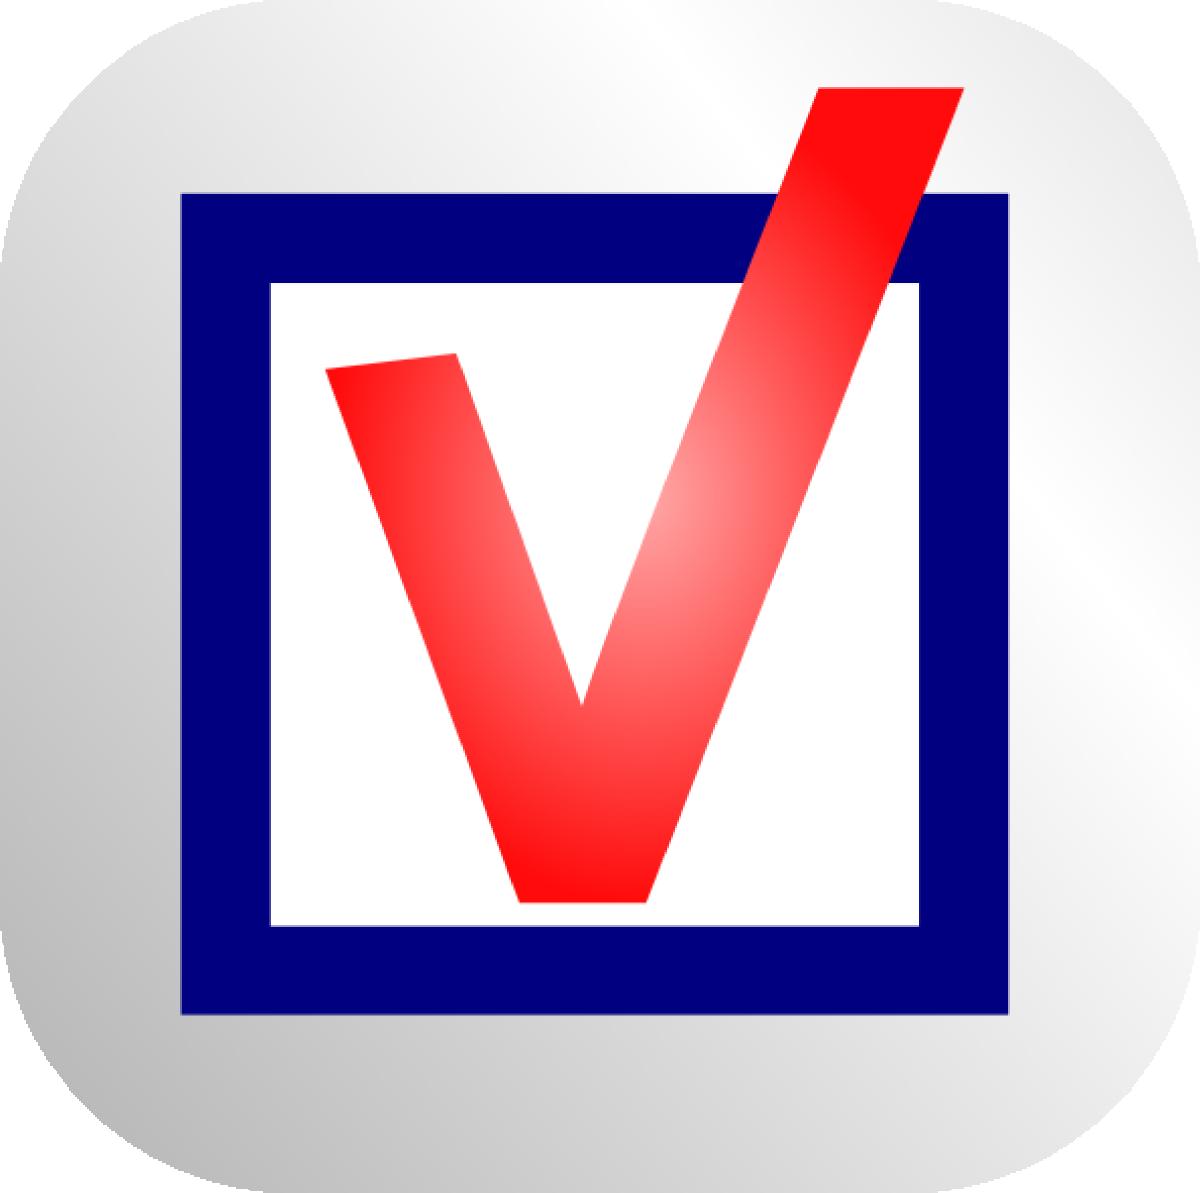 VoterAid